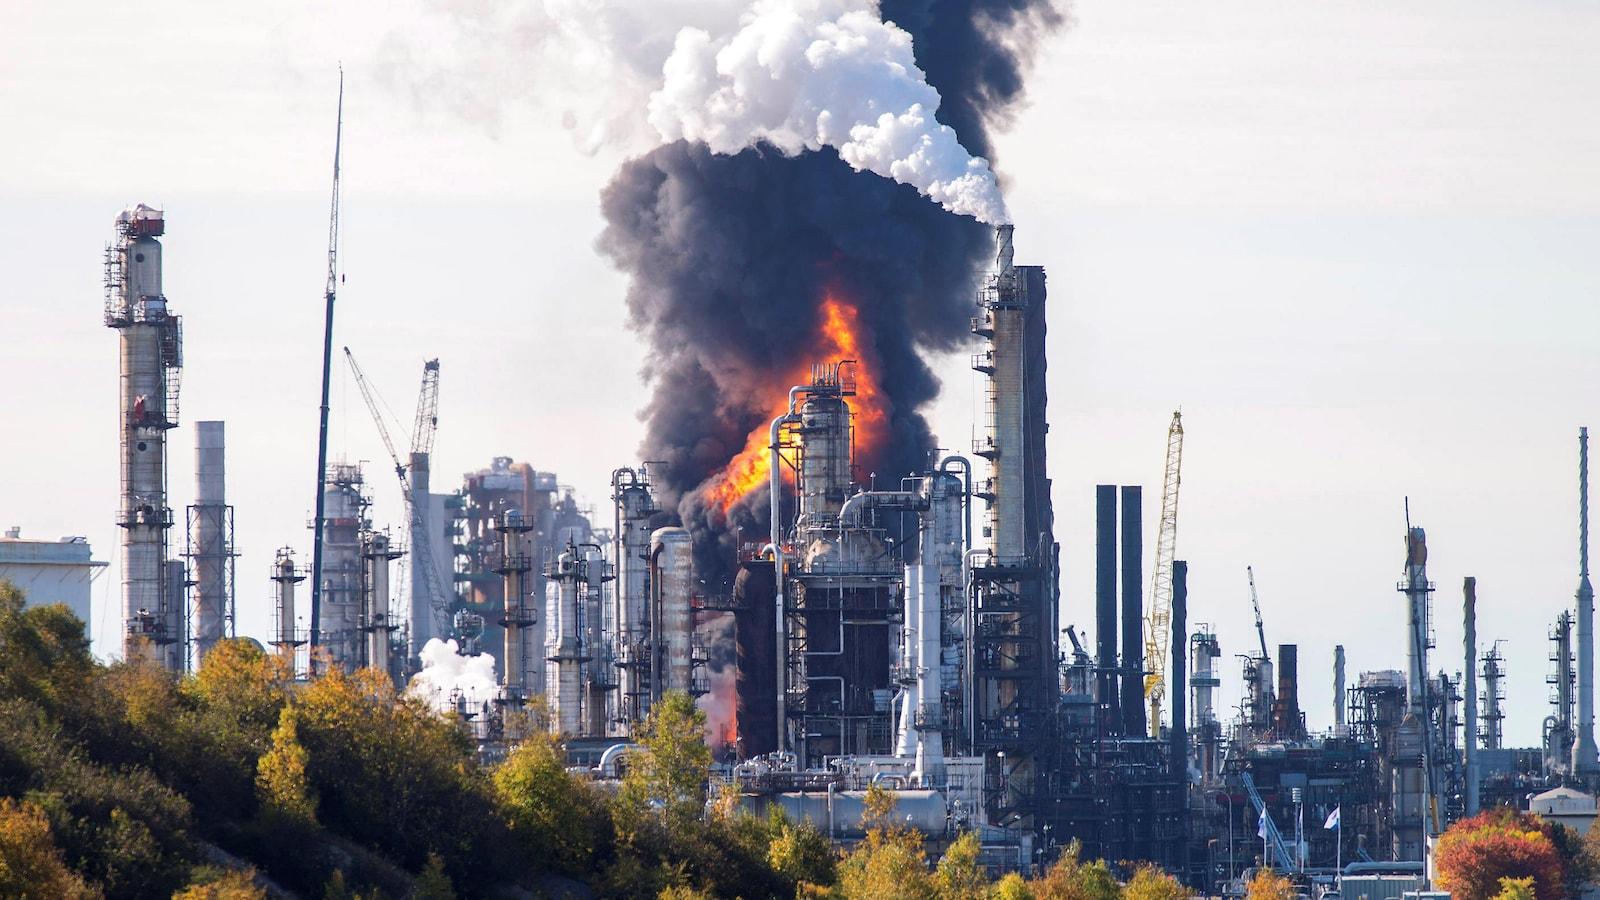 Un incendie est vu au loin, derrière des bâtiments et une colonne de fumée noire s'élève dans le ciel.